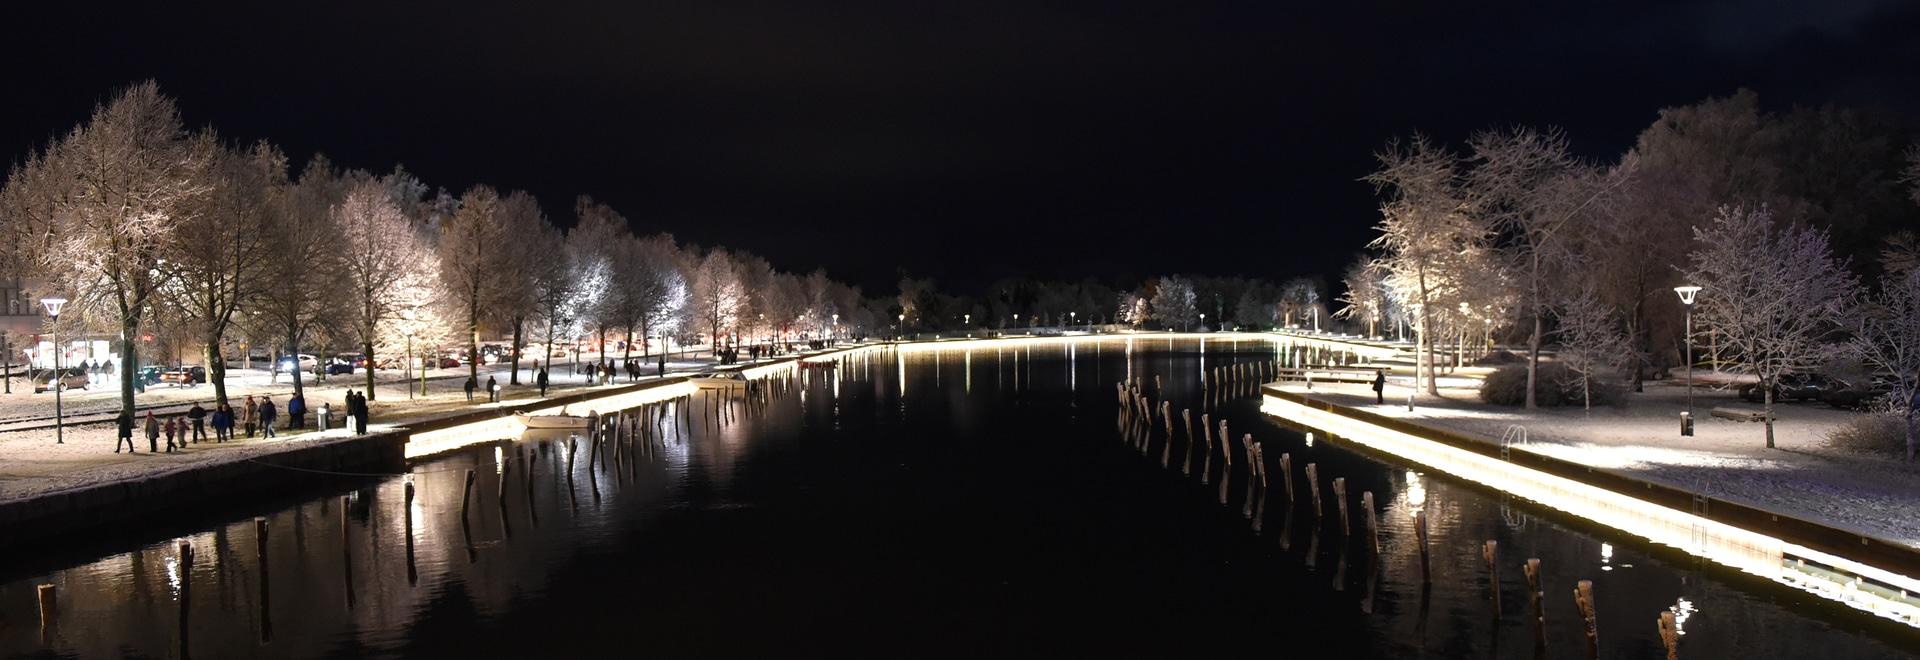 projet de liniLED®   Uusikaupunki, Finlande